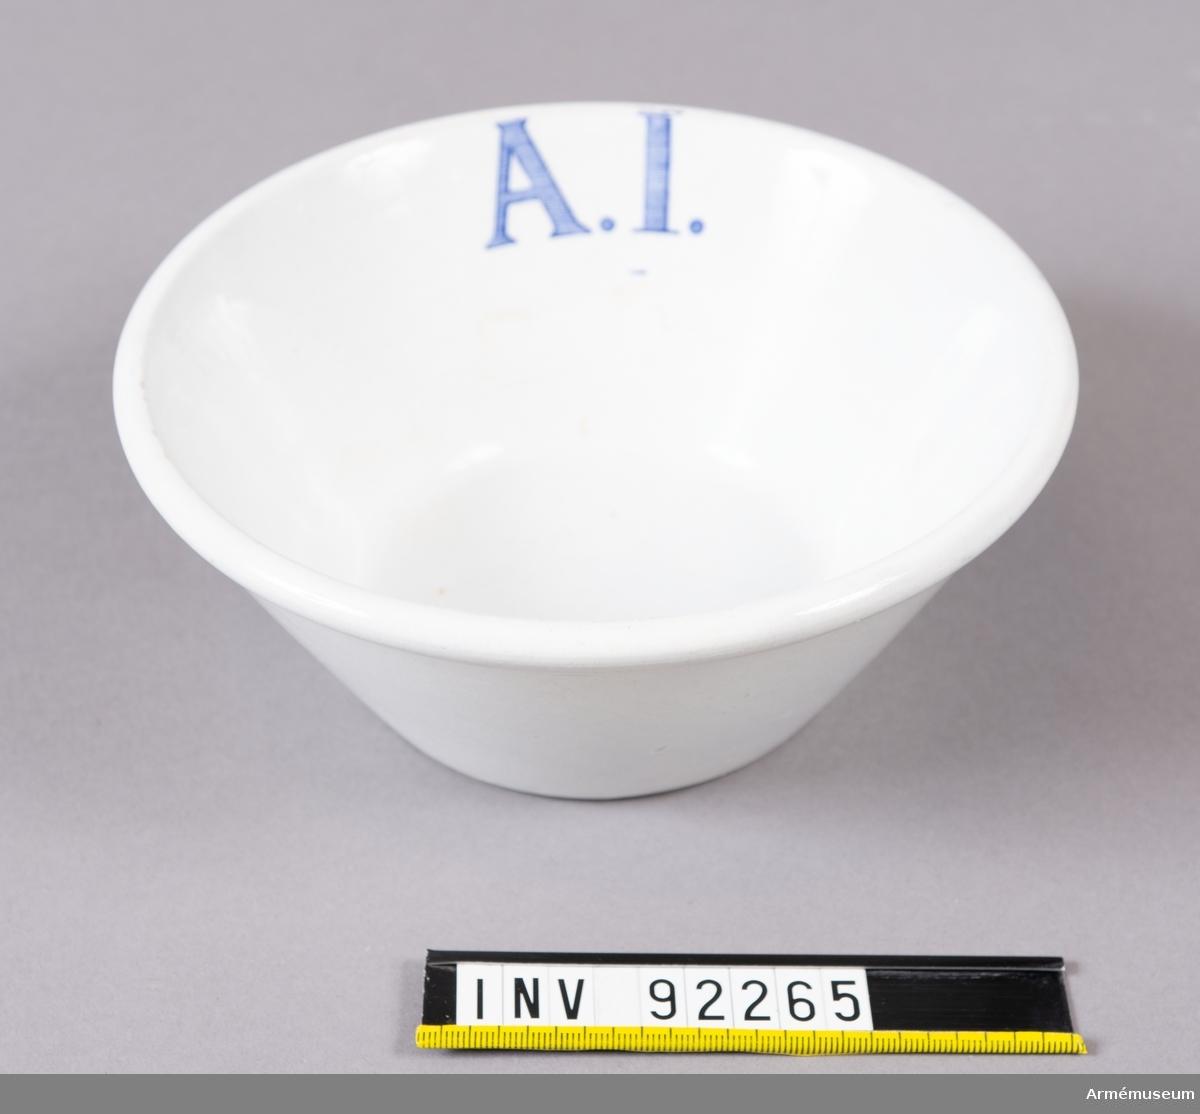 Vit skål eller djup tallrik använd vid A1